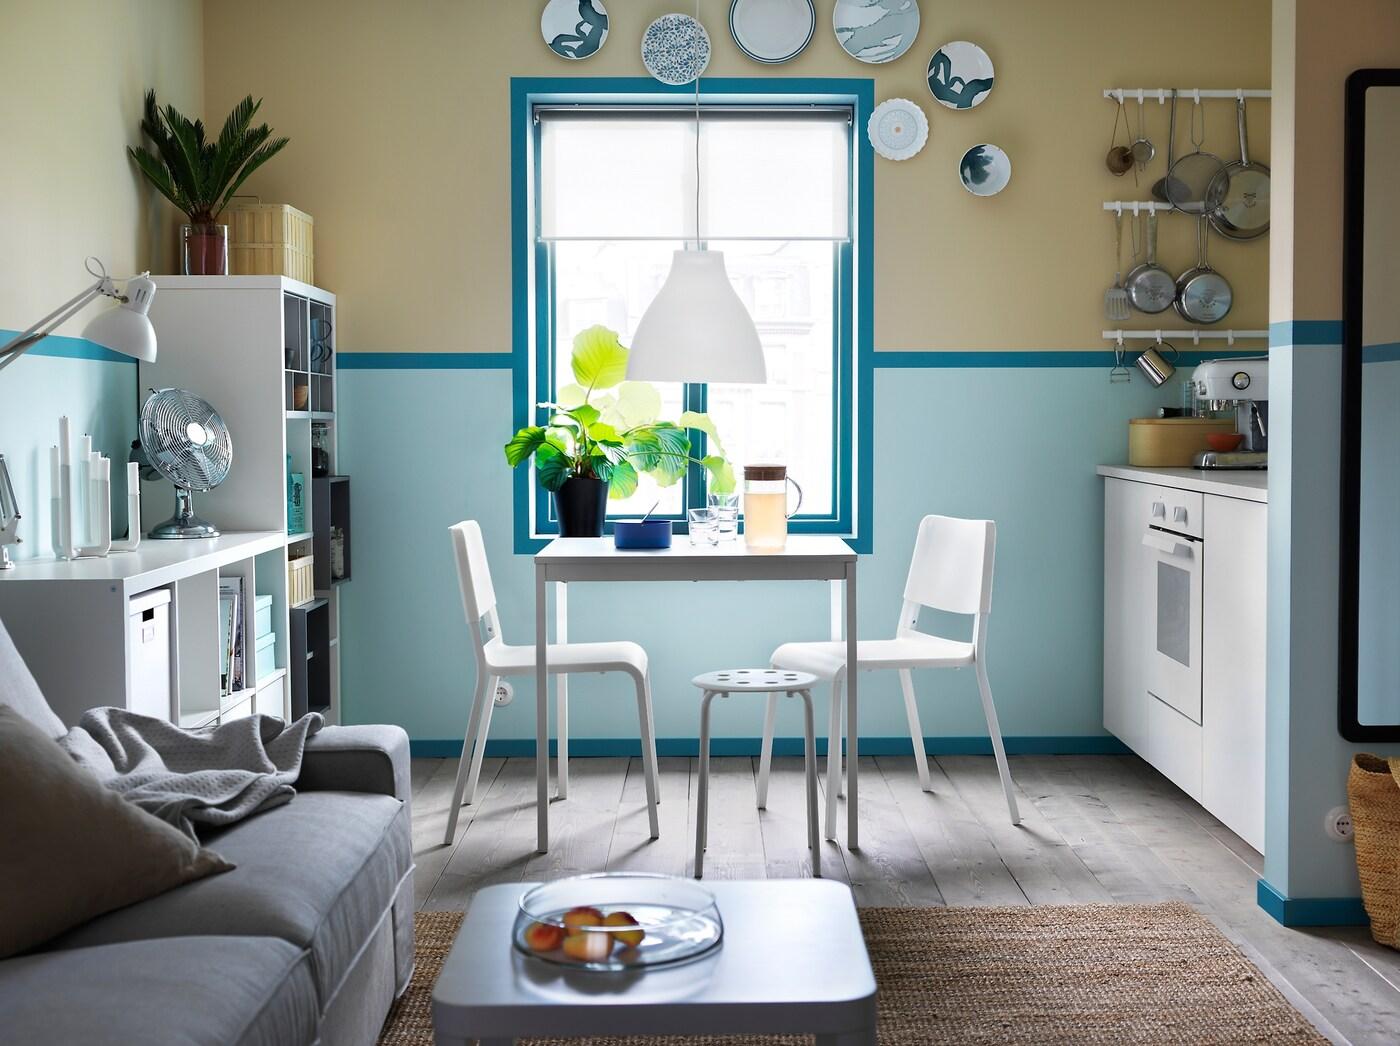 Кухня в белых и синих тонах с небольшим раздвижным столом ВАНГСТА, двумя стульями ТЕОДОРЕС и табуретом.